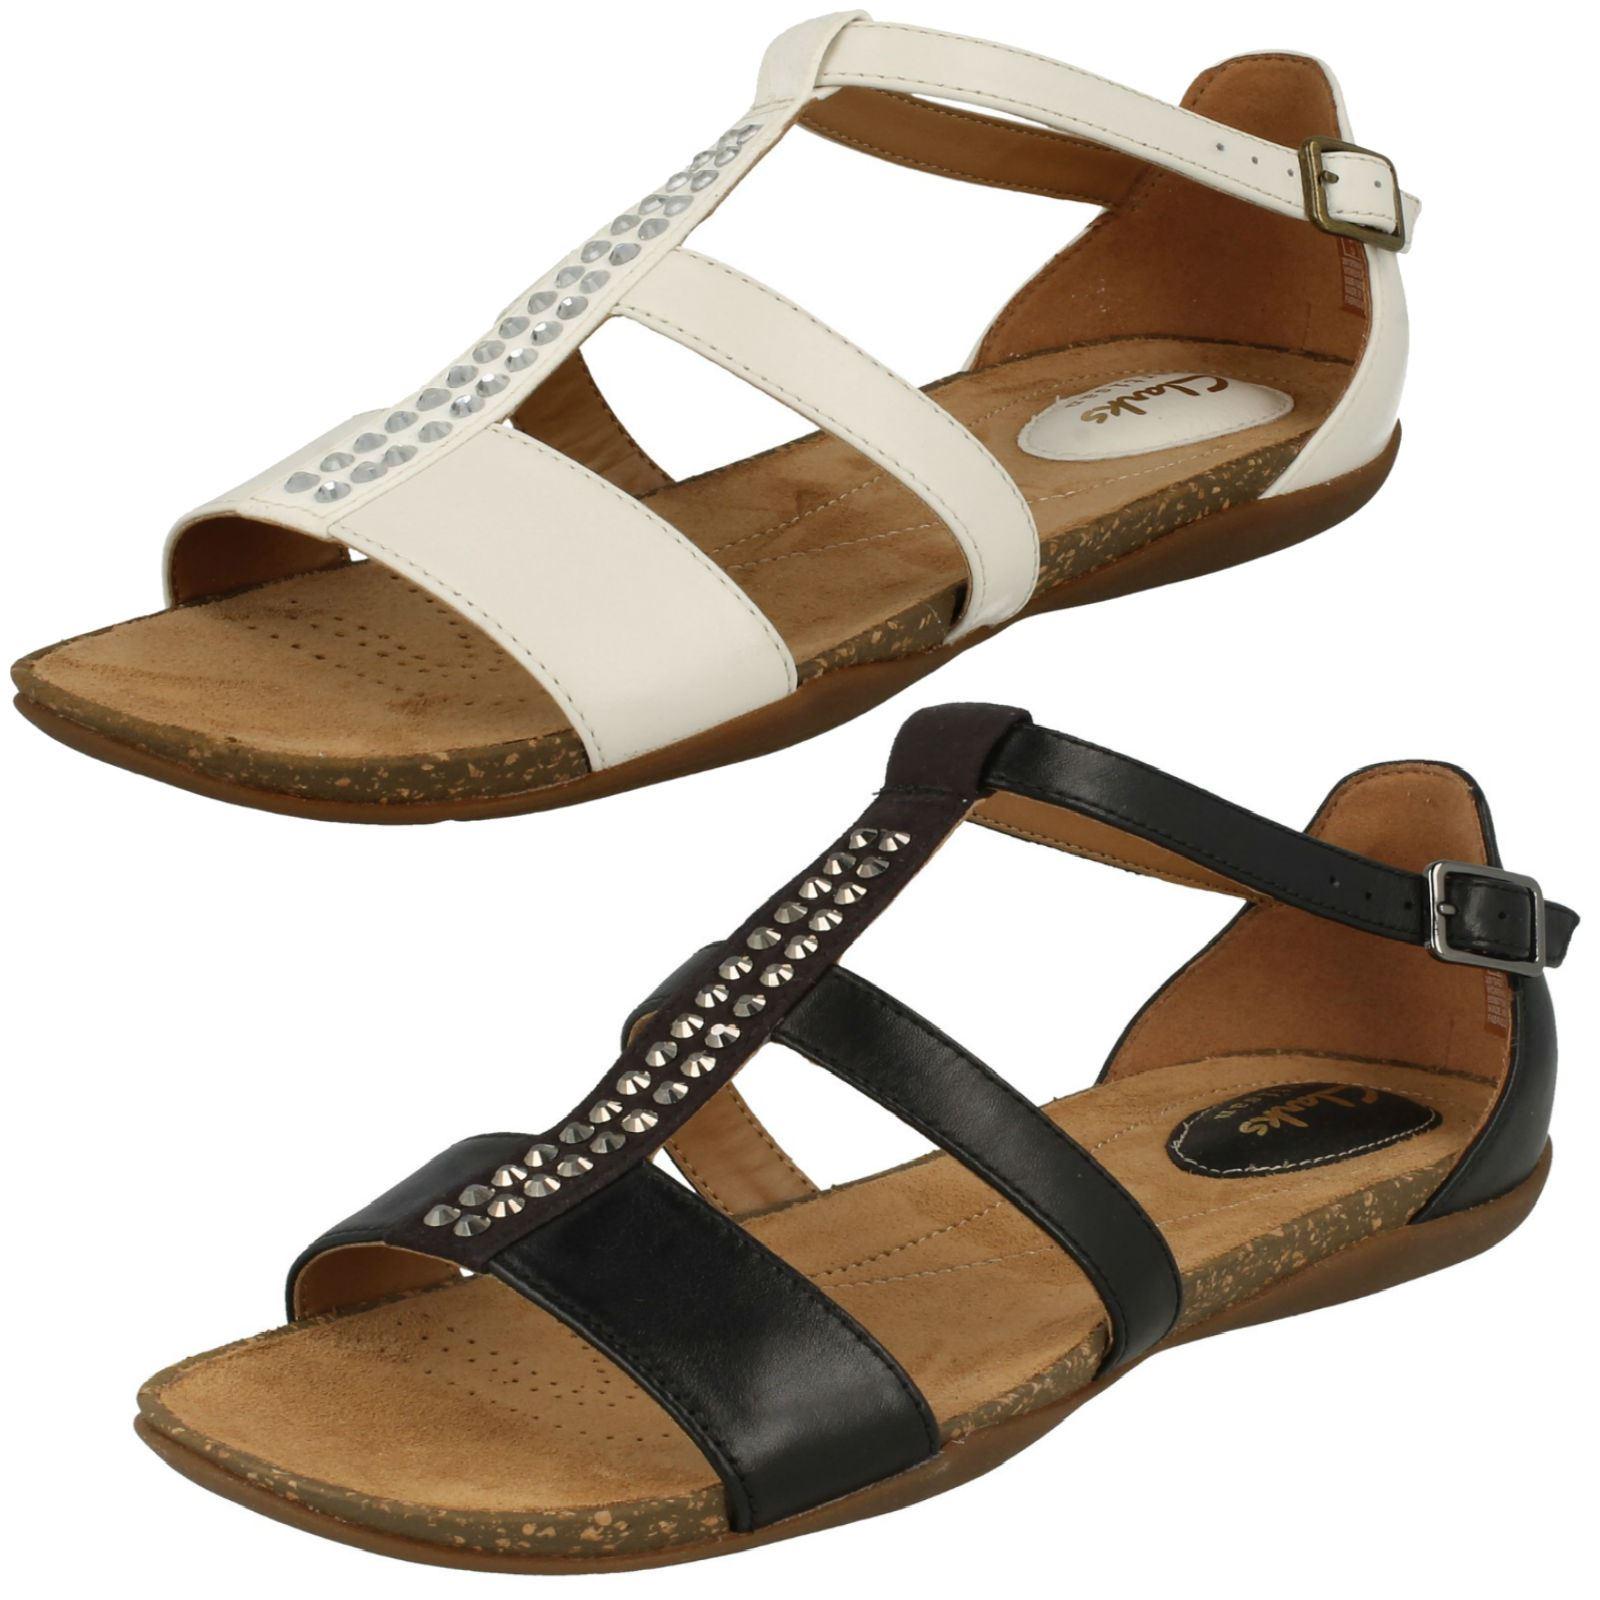 877a08ca09c2 Details about Ladies Clarks Diamante Detailed Sandals - Autumn Fresh